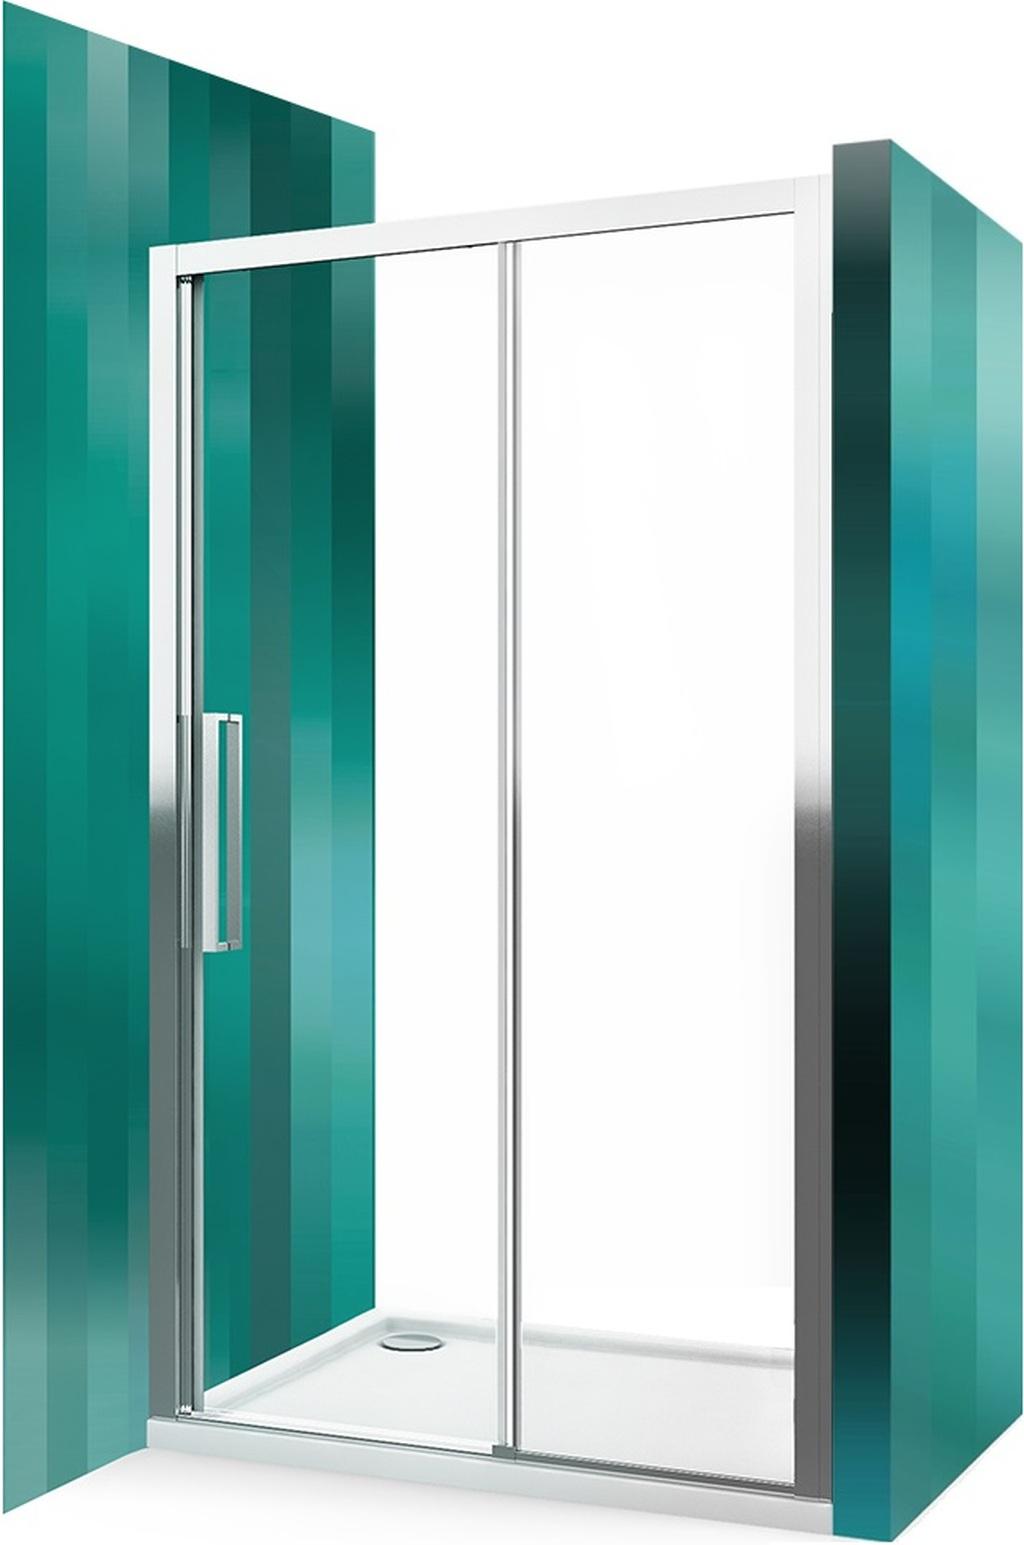 ROLTECHNIK Sprchové dveře posuvné pro instalaci do niky ECD2P/1400 brillant/transparent 565-140000P-00-02